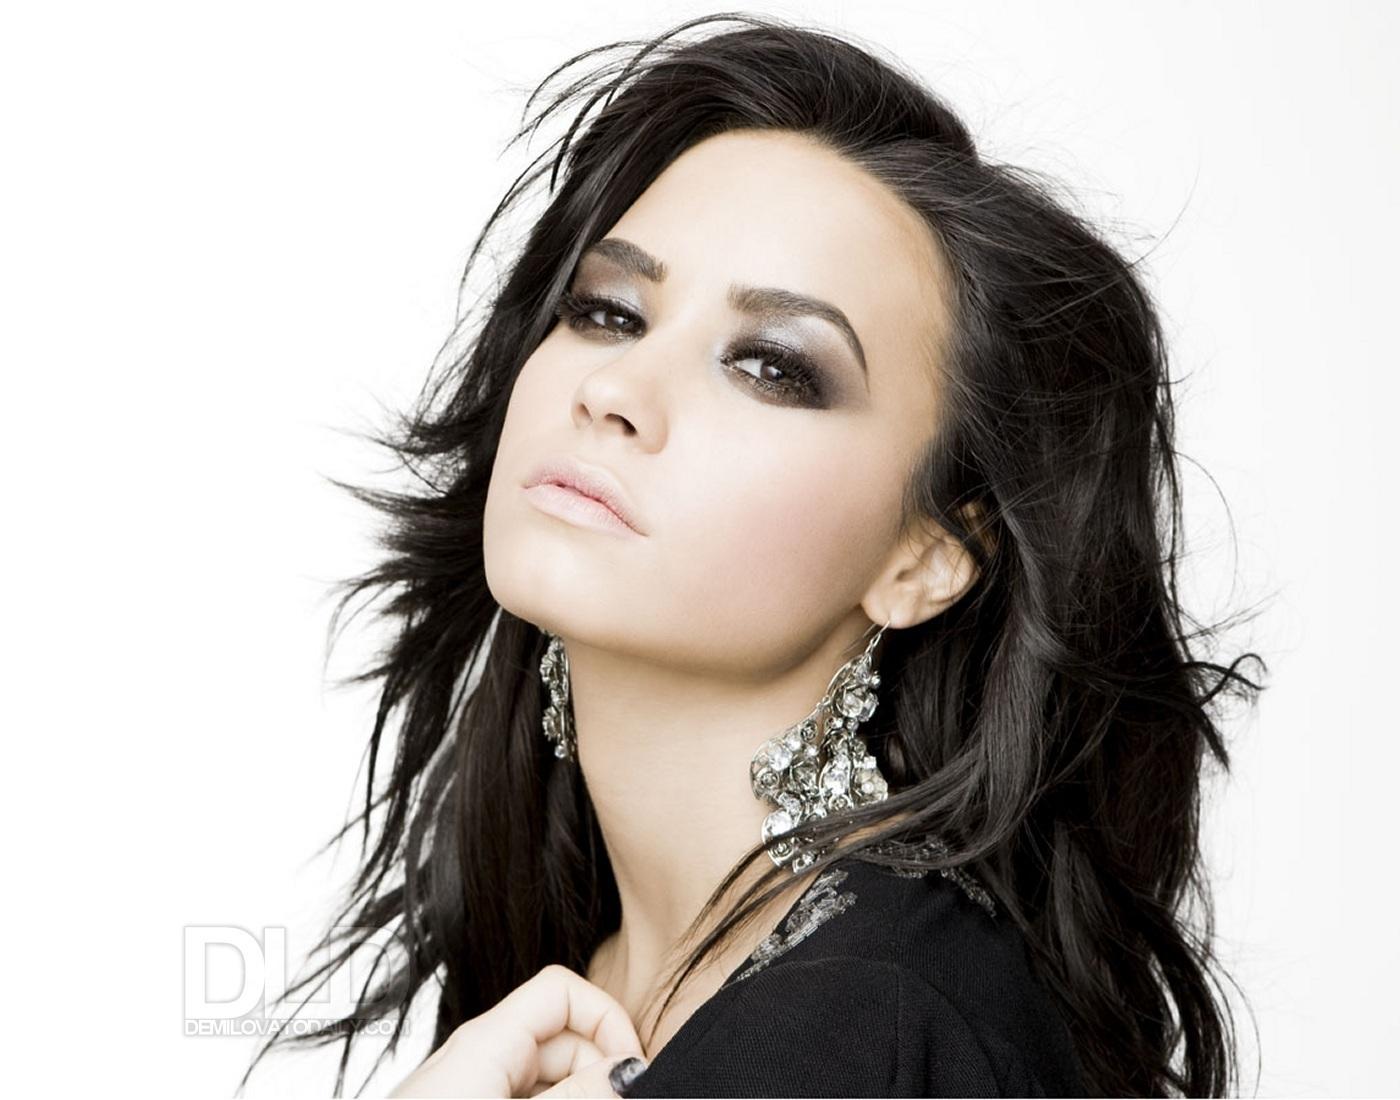 http://2.bp.blogspot.com/-p-aSiEOKscE/T2z29Z2FSGI/AAAAAAAAEYM/peSXKAlhXZg/s1600/Demi-Lovato-Wallpaper-demi-lovato-8239474-1400-1100.jpg